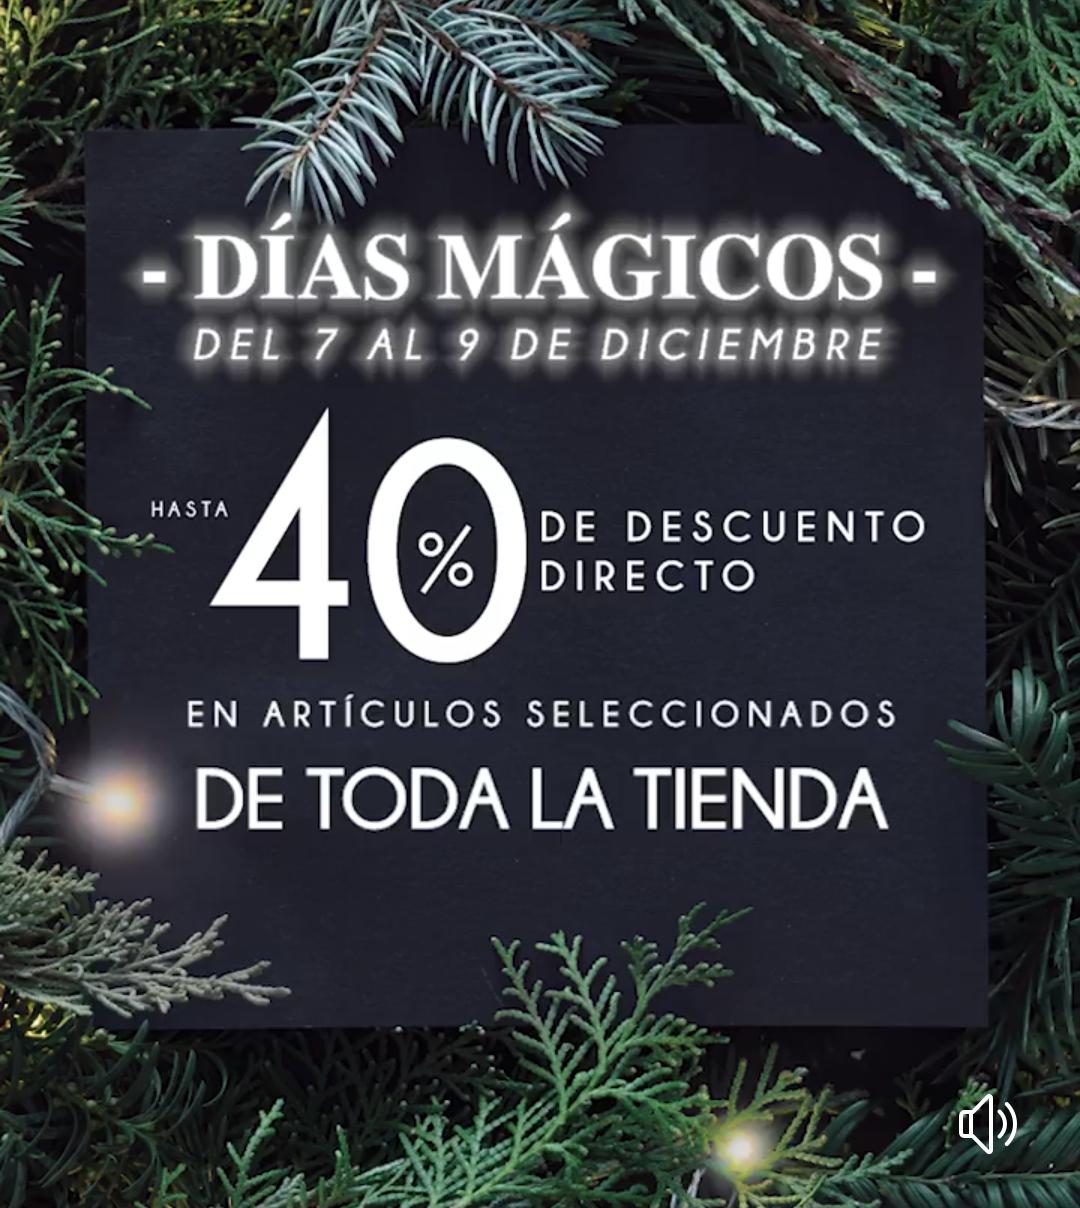 The Home Store: Días Mágicos: Hasta 40% de descuento directo en artículos seleccionados de toda la tienda